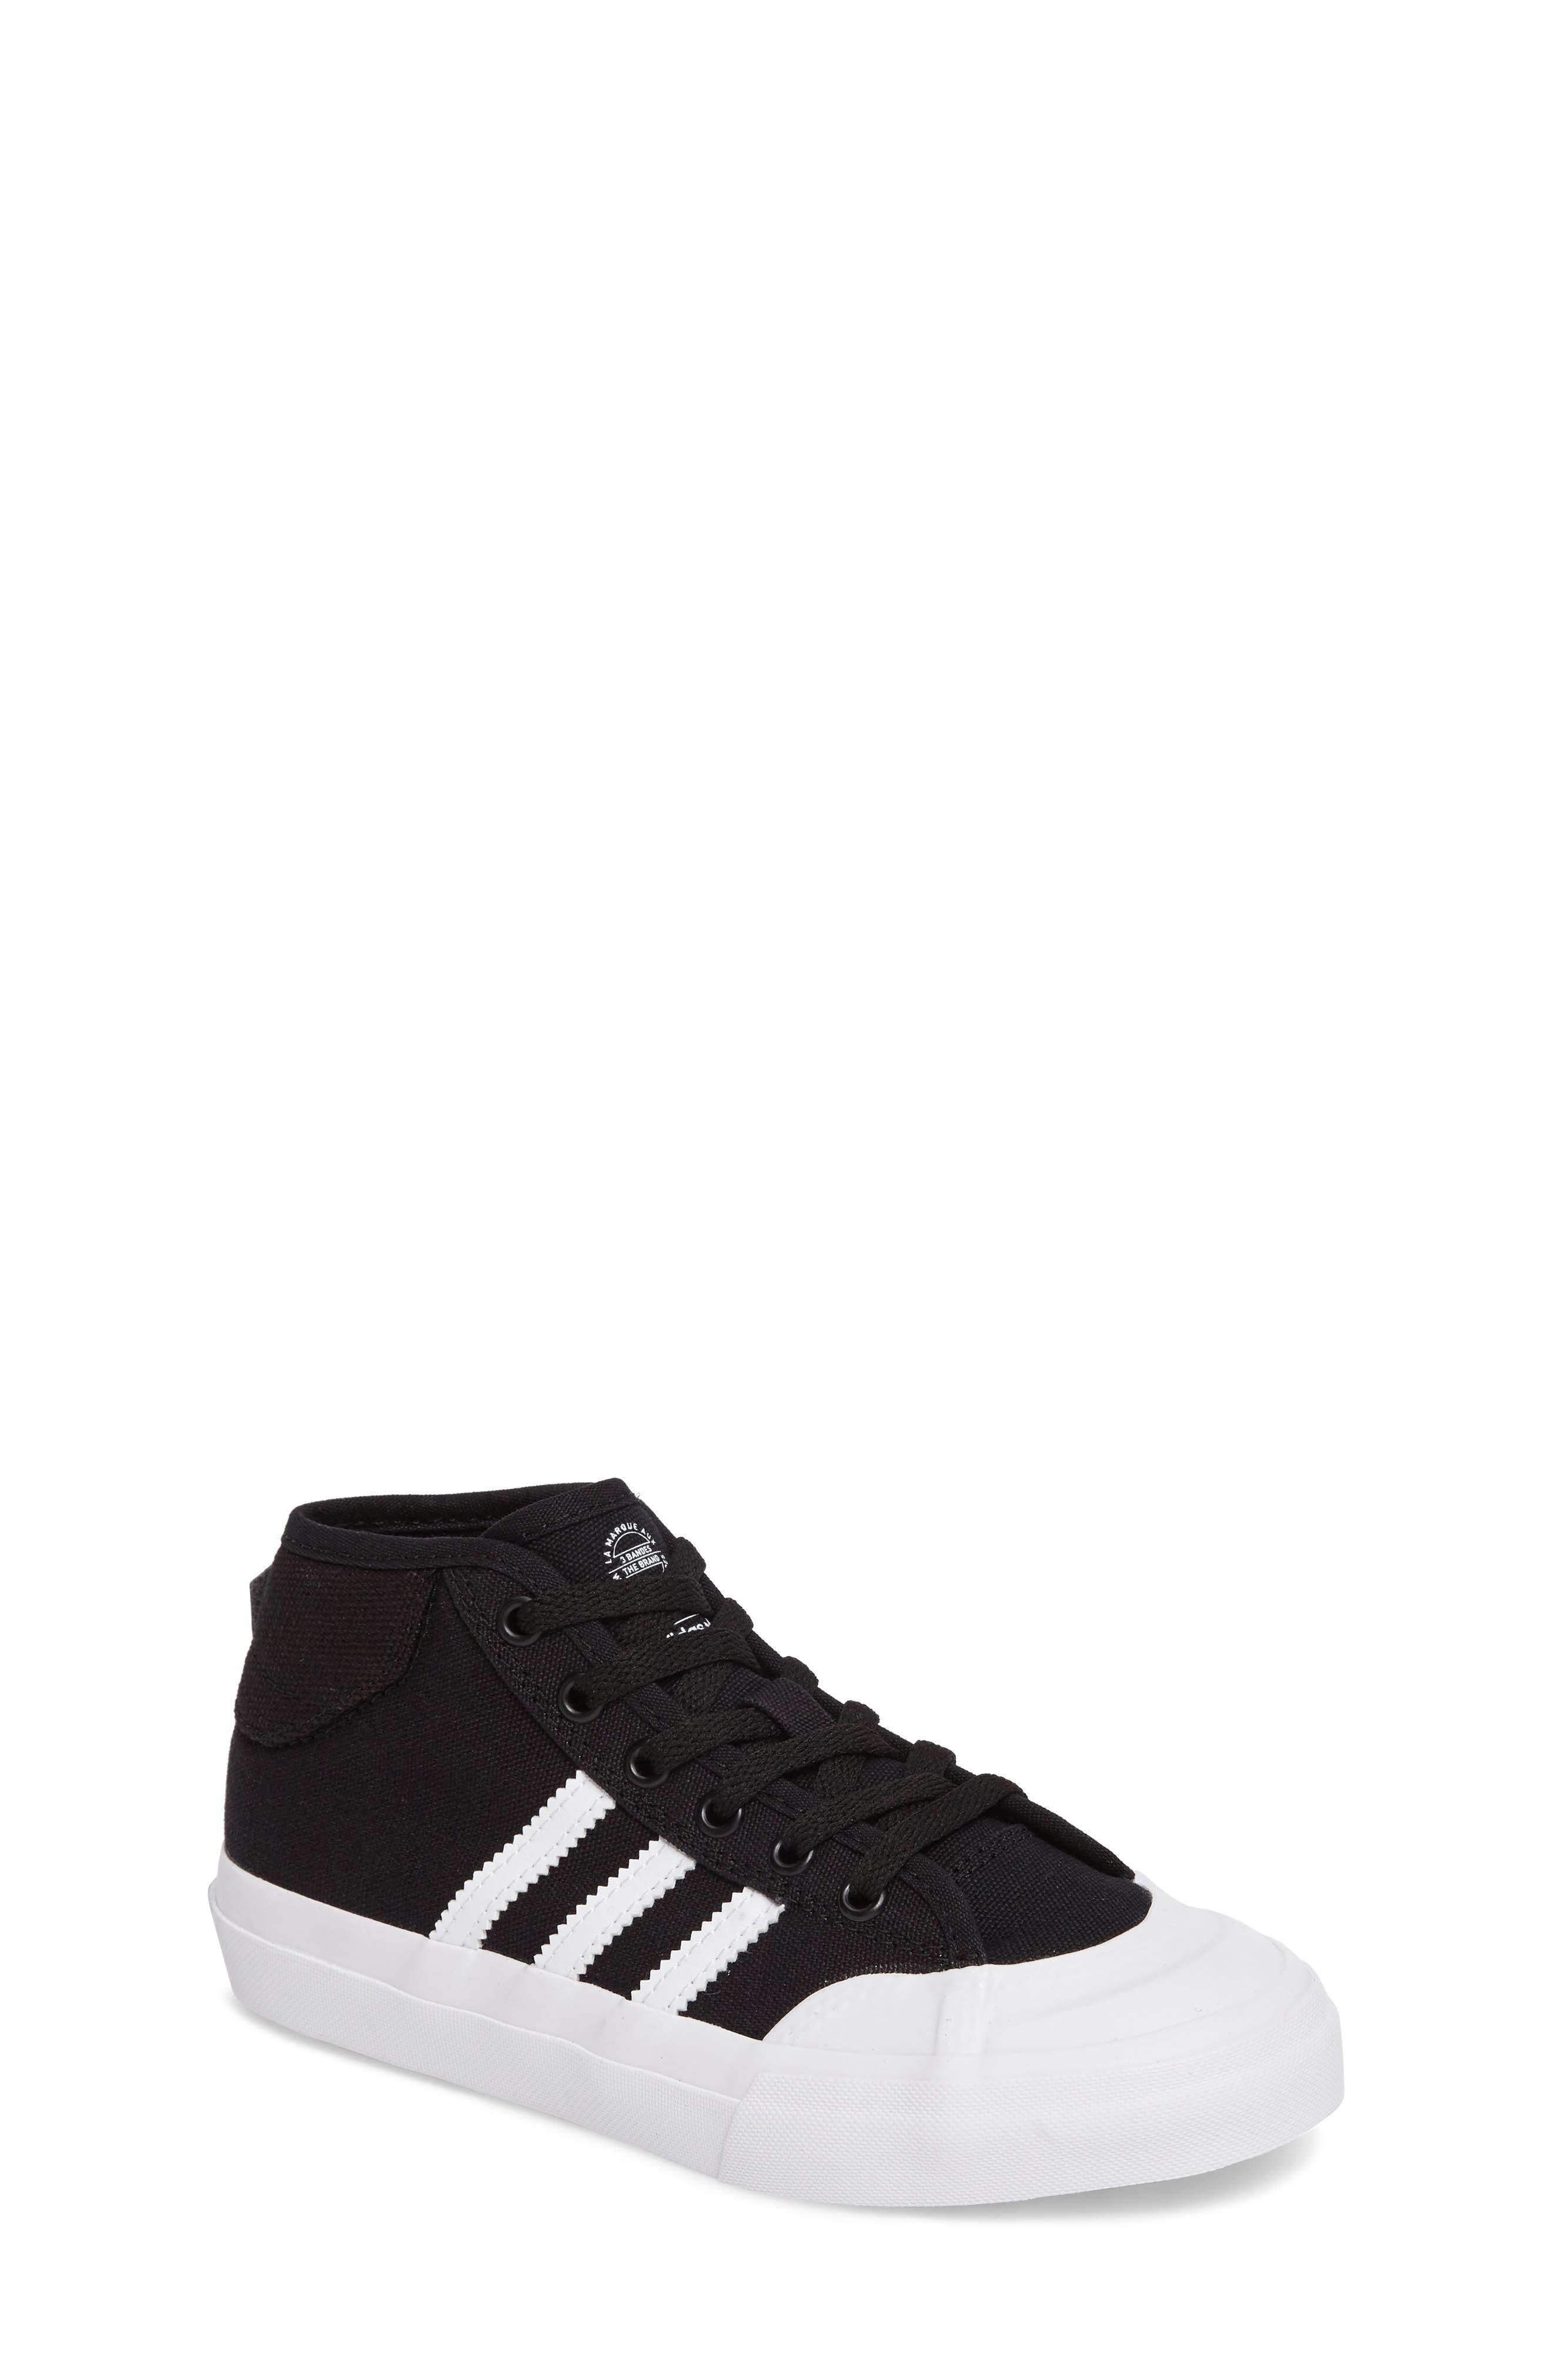 ADIDAS Matchcourt Mid High Sneaker